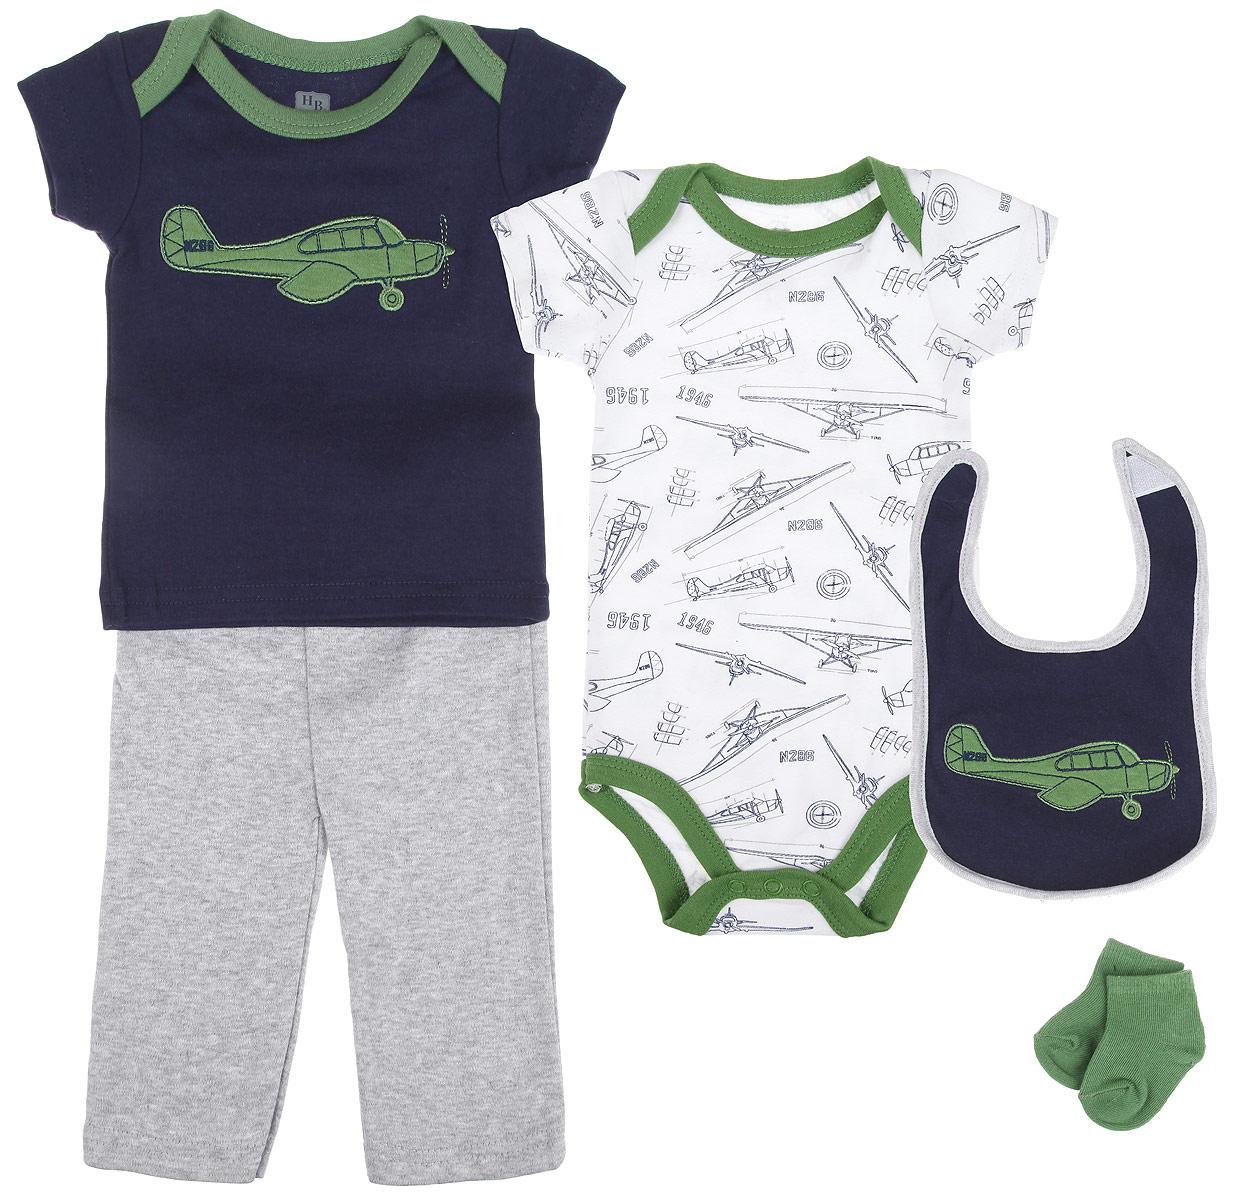 58104Комплект для новорожденного Hudson Baby Аэроплан - это замечательный подарок, который прекрасно подойдет для первых дней жизни малыша. Комплект состоит из боди, футболки, штанишек, нагрудника и носочков. Одежда выполнена из натурального хлопка, не сковывает движения малыша и позволяет коже дышать, не раздражает даже самую нежную и чувствительную кожу ребенка, обеспечивая ему наибольший комфорт. Носочки изготовлены из хлопка с добавлением нейлона и спандекса, нагрудник - из хлопка и полиэстера. Удобное боди с круглым вырезом горловины и короткими рукавами имеет специальные запахи на плечах и кнопки на ластовице, что значительно облегчает процесс переодевания ребенка и смену подгузника. По всей поверхности изделие украшено оригинальным принтом. Футболка с круглым вырезом горловины и короткими рукавами также имеет запахи на плечах. Спереди модель дополнена нашивкой с изображением самолета. Штанишки на талии имеют мягкую резинку, не сдавливают животик...